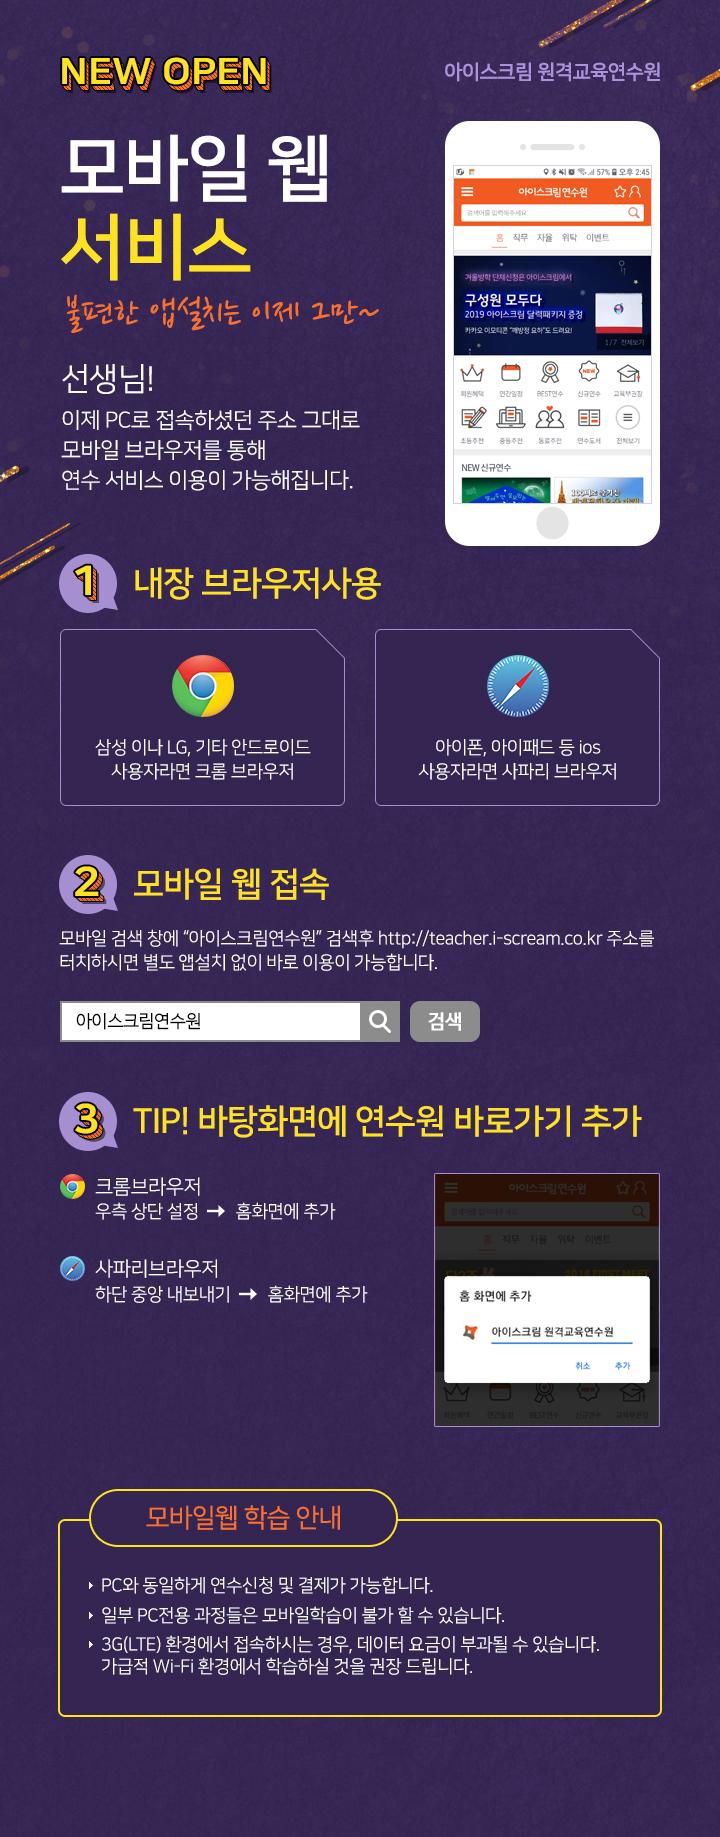 open 아이스크림연수원 모바일웹 서비스